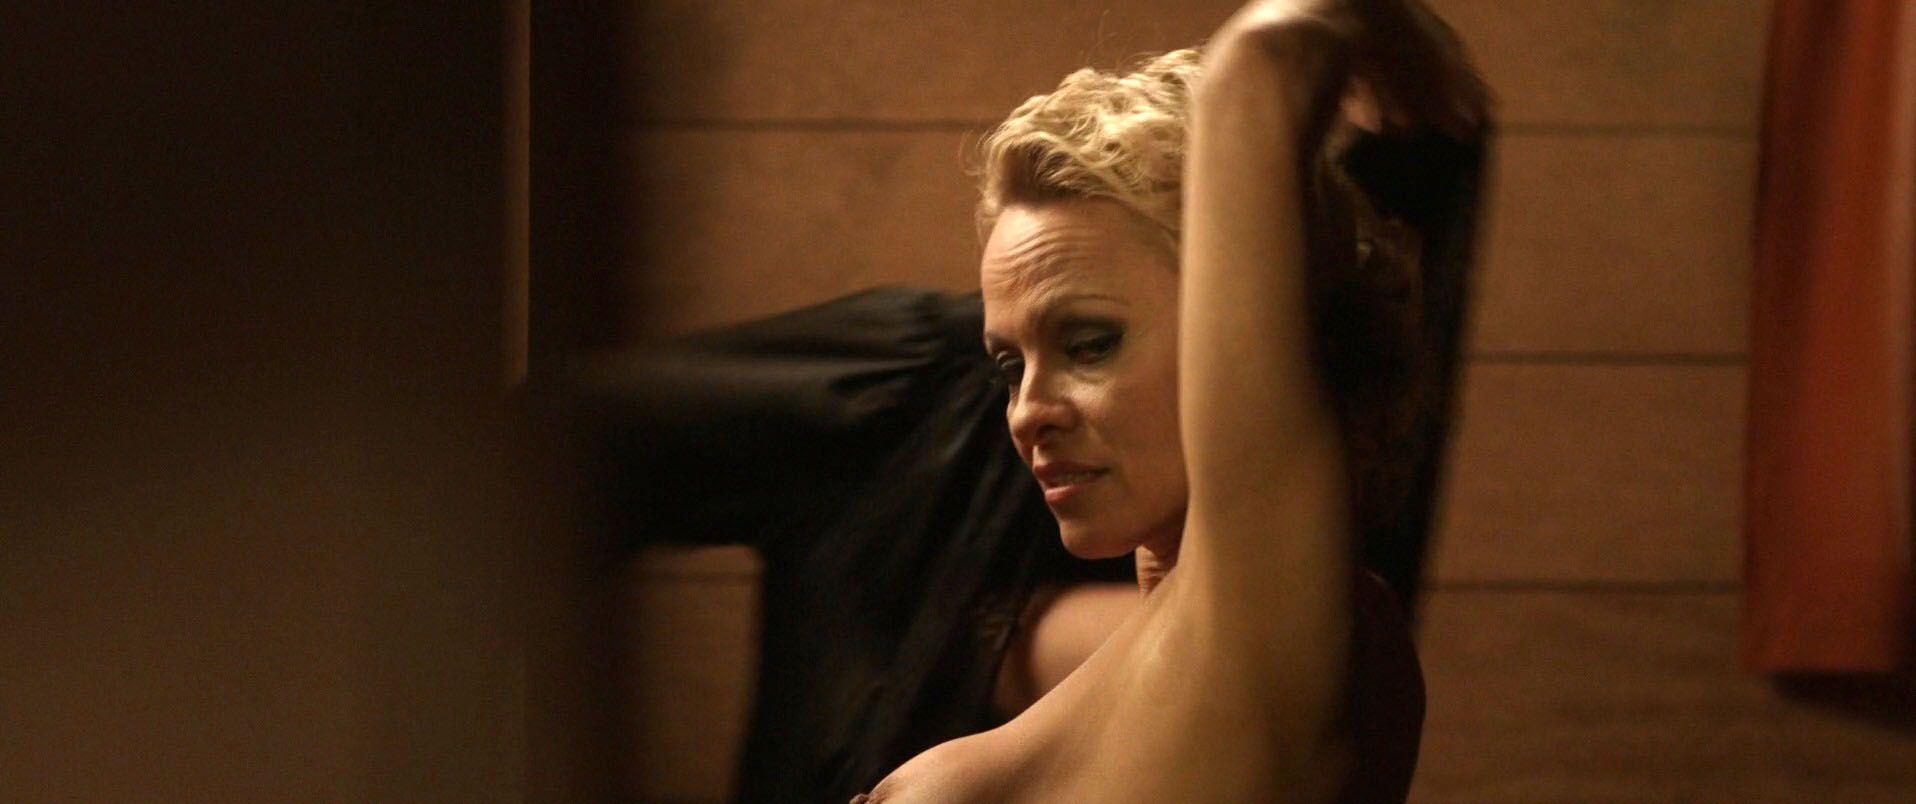 Pamela Anderson Nude 8